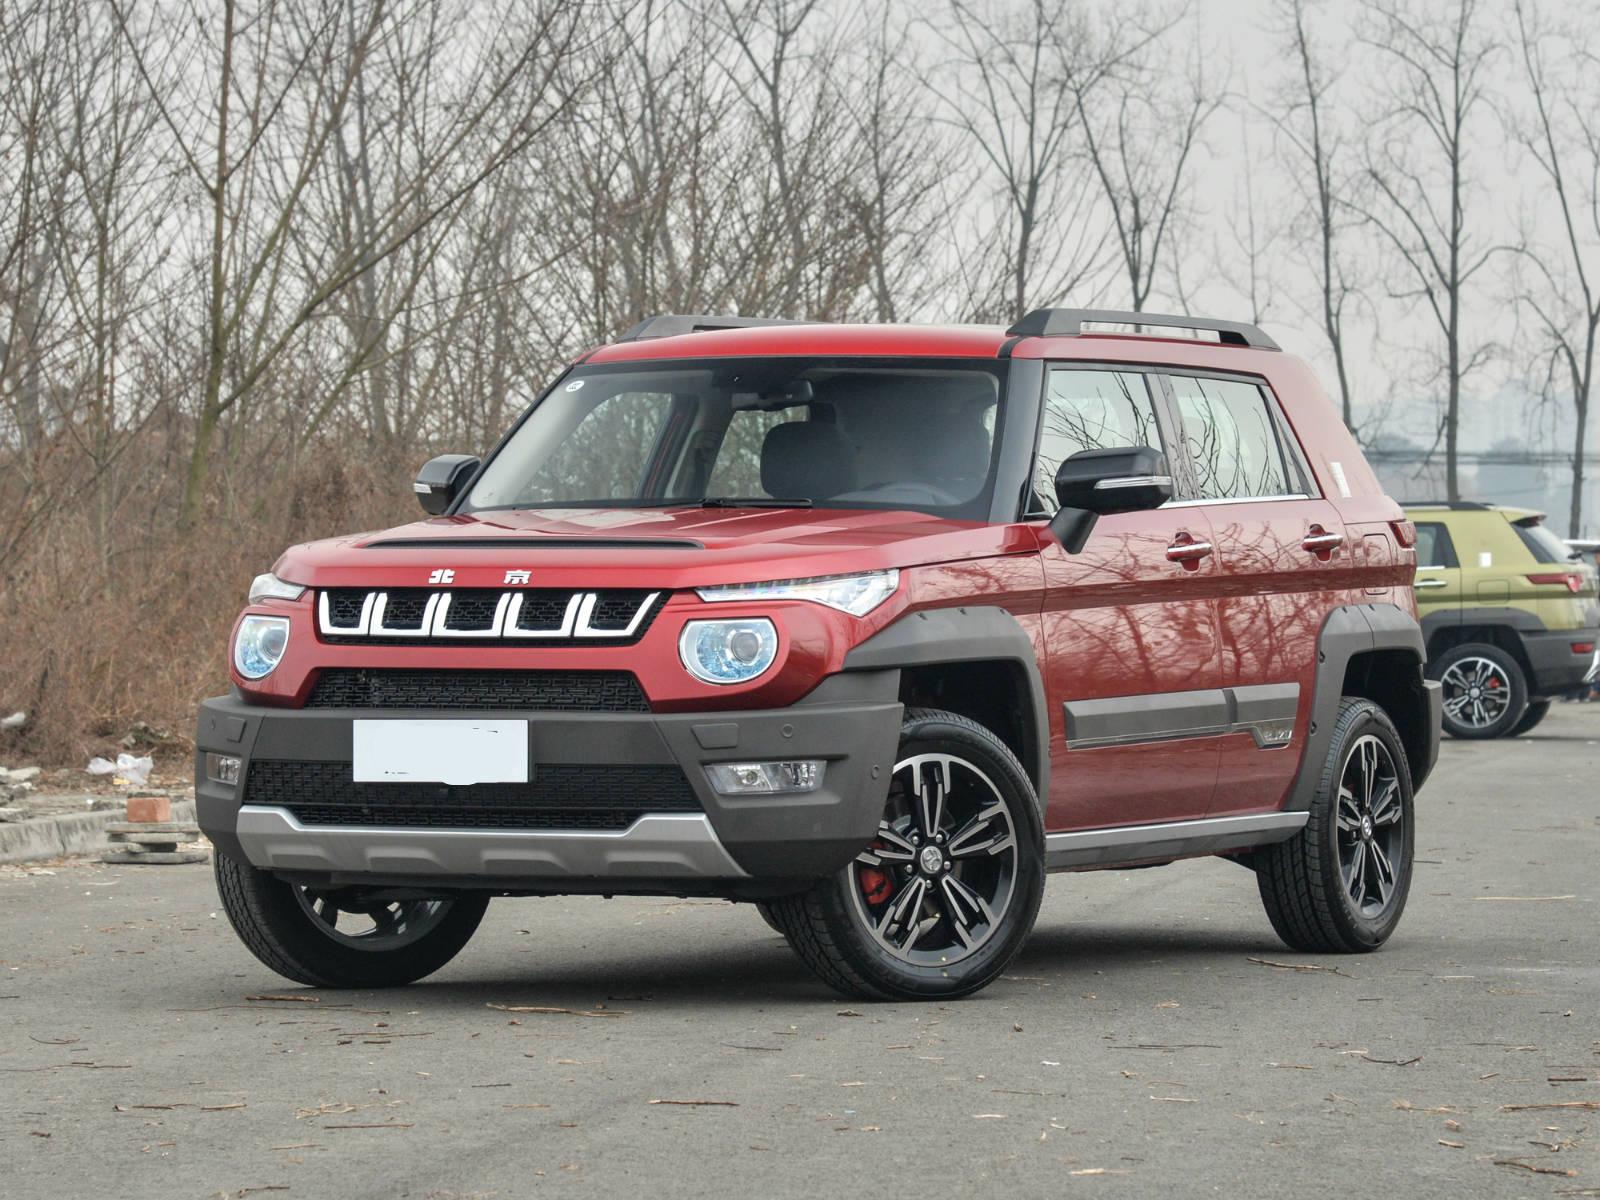 BJ20已停产 经销商回应可能出替代车型